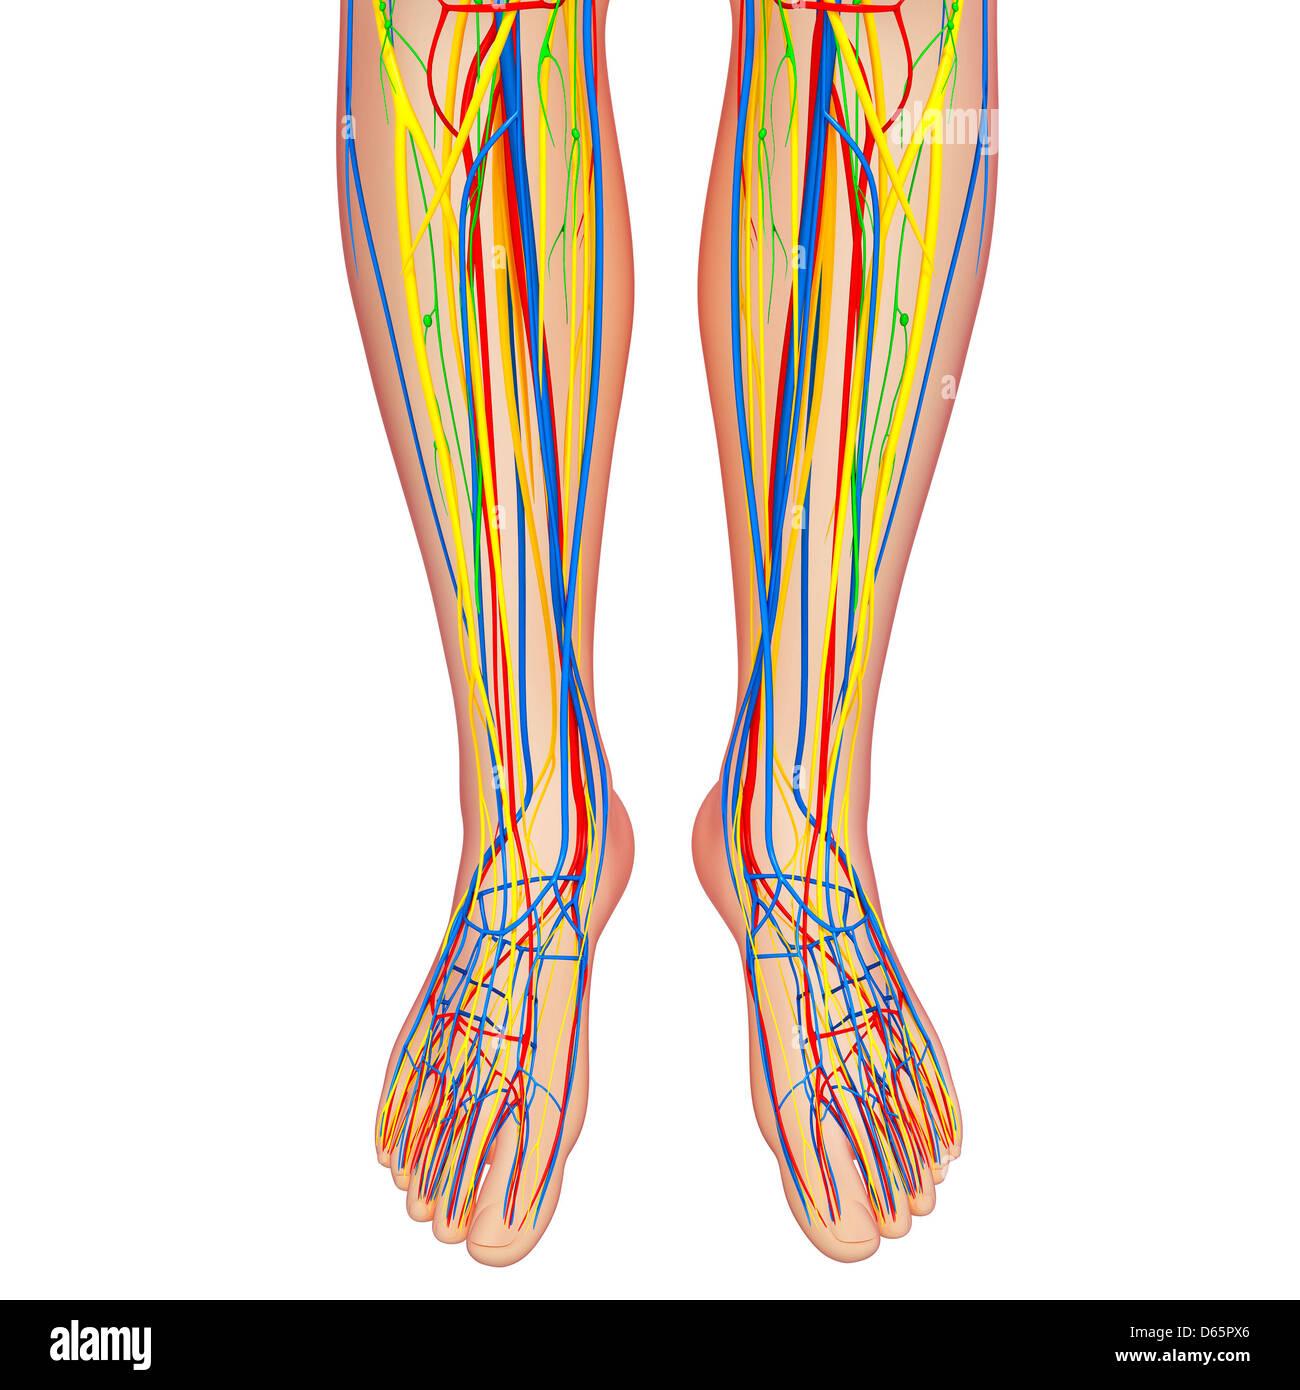 Human Vascular System Foot Stockfotos & Human Vascular System Foot ...